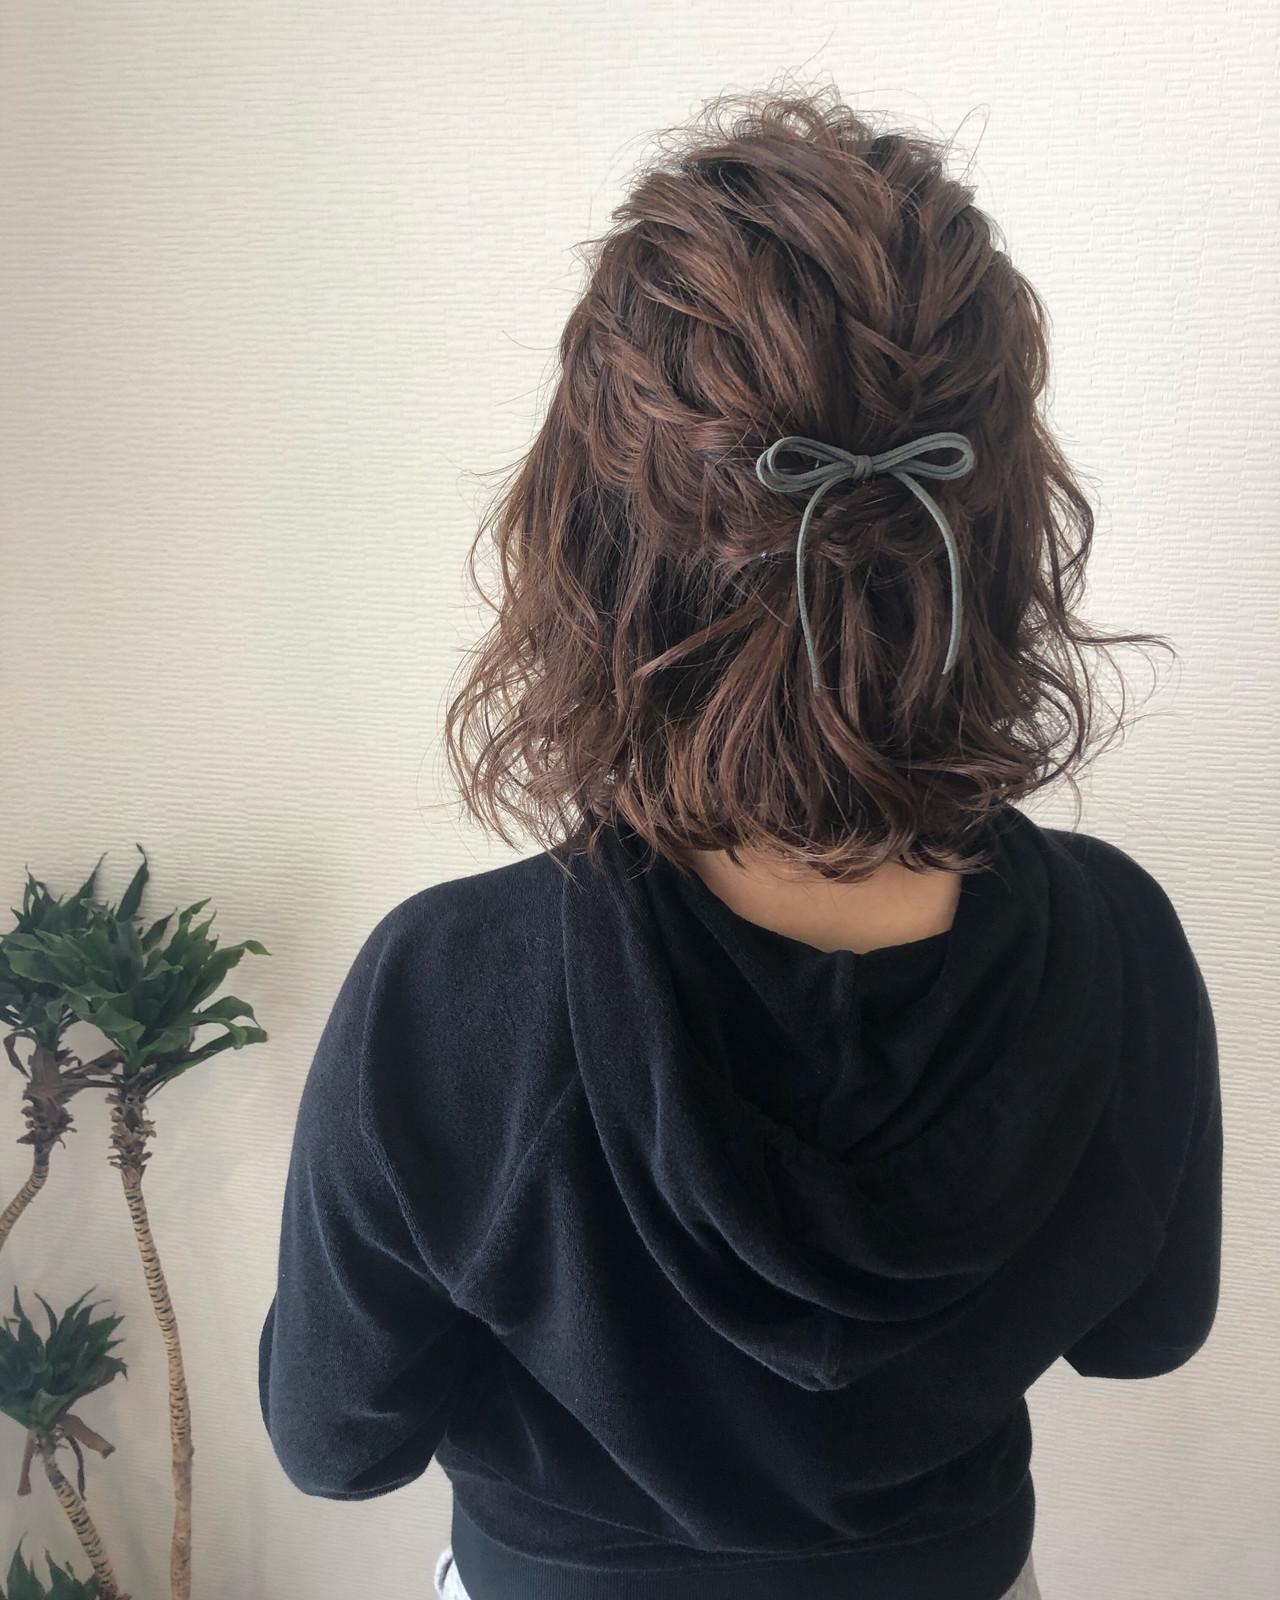 ヘアセット ボブアレンジ ボブ ヘアアレンジ ヘアスタイルや髪型の写真・画像 | mai / HAIR SALON STELLA